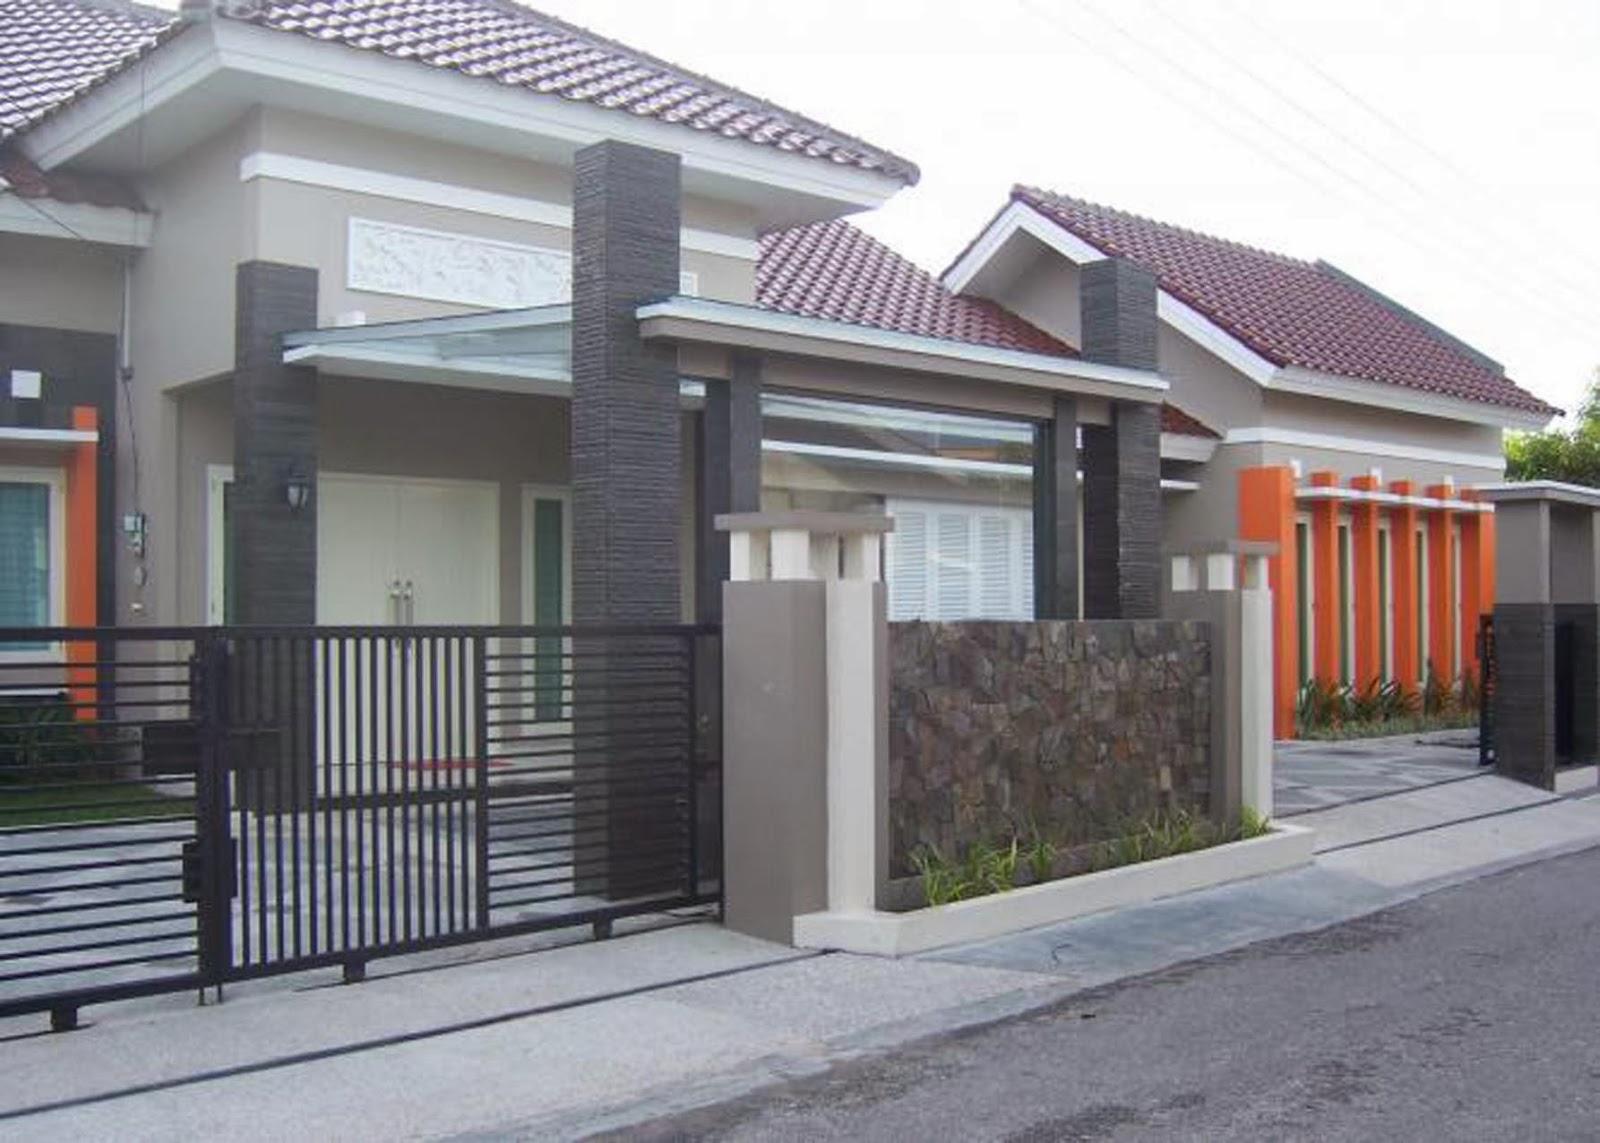 Desain Exterior Rumah Minimalis 1 Lantai Desain Rumah Minimalis